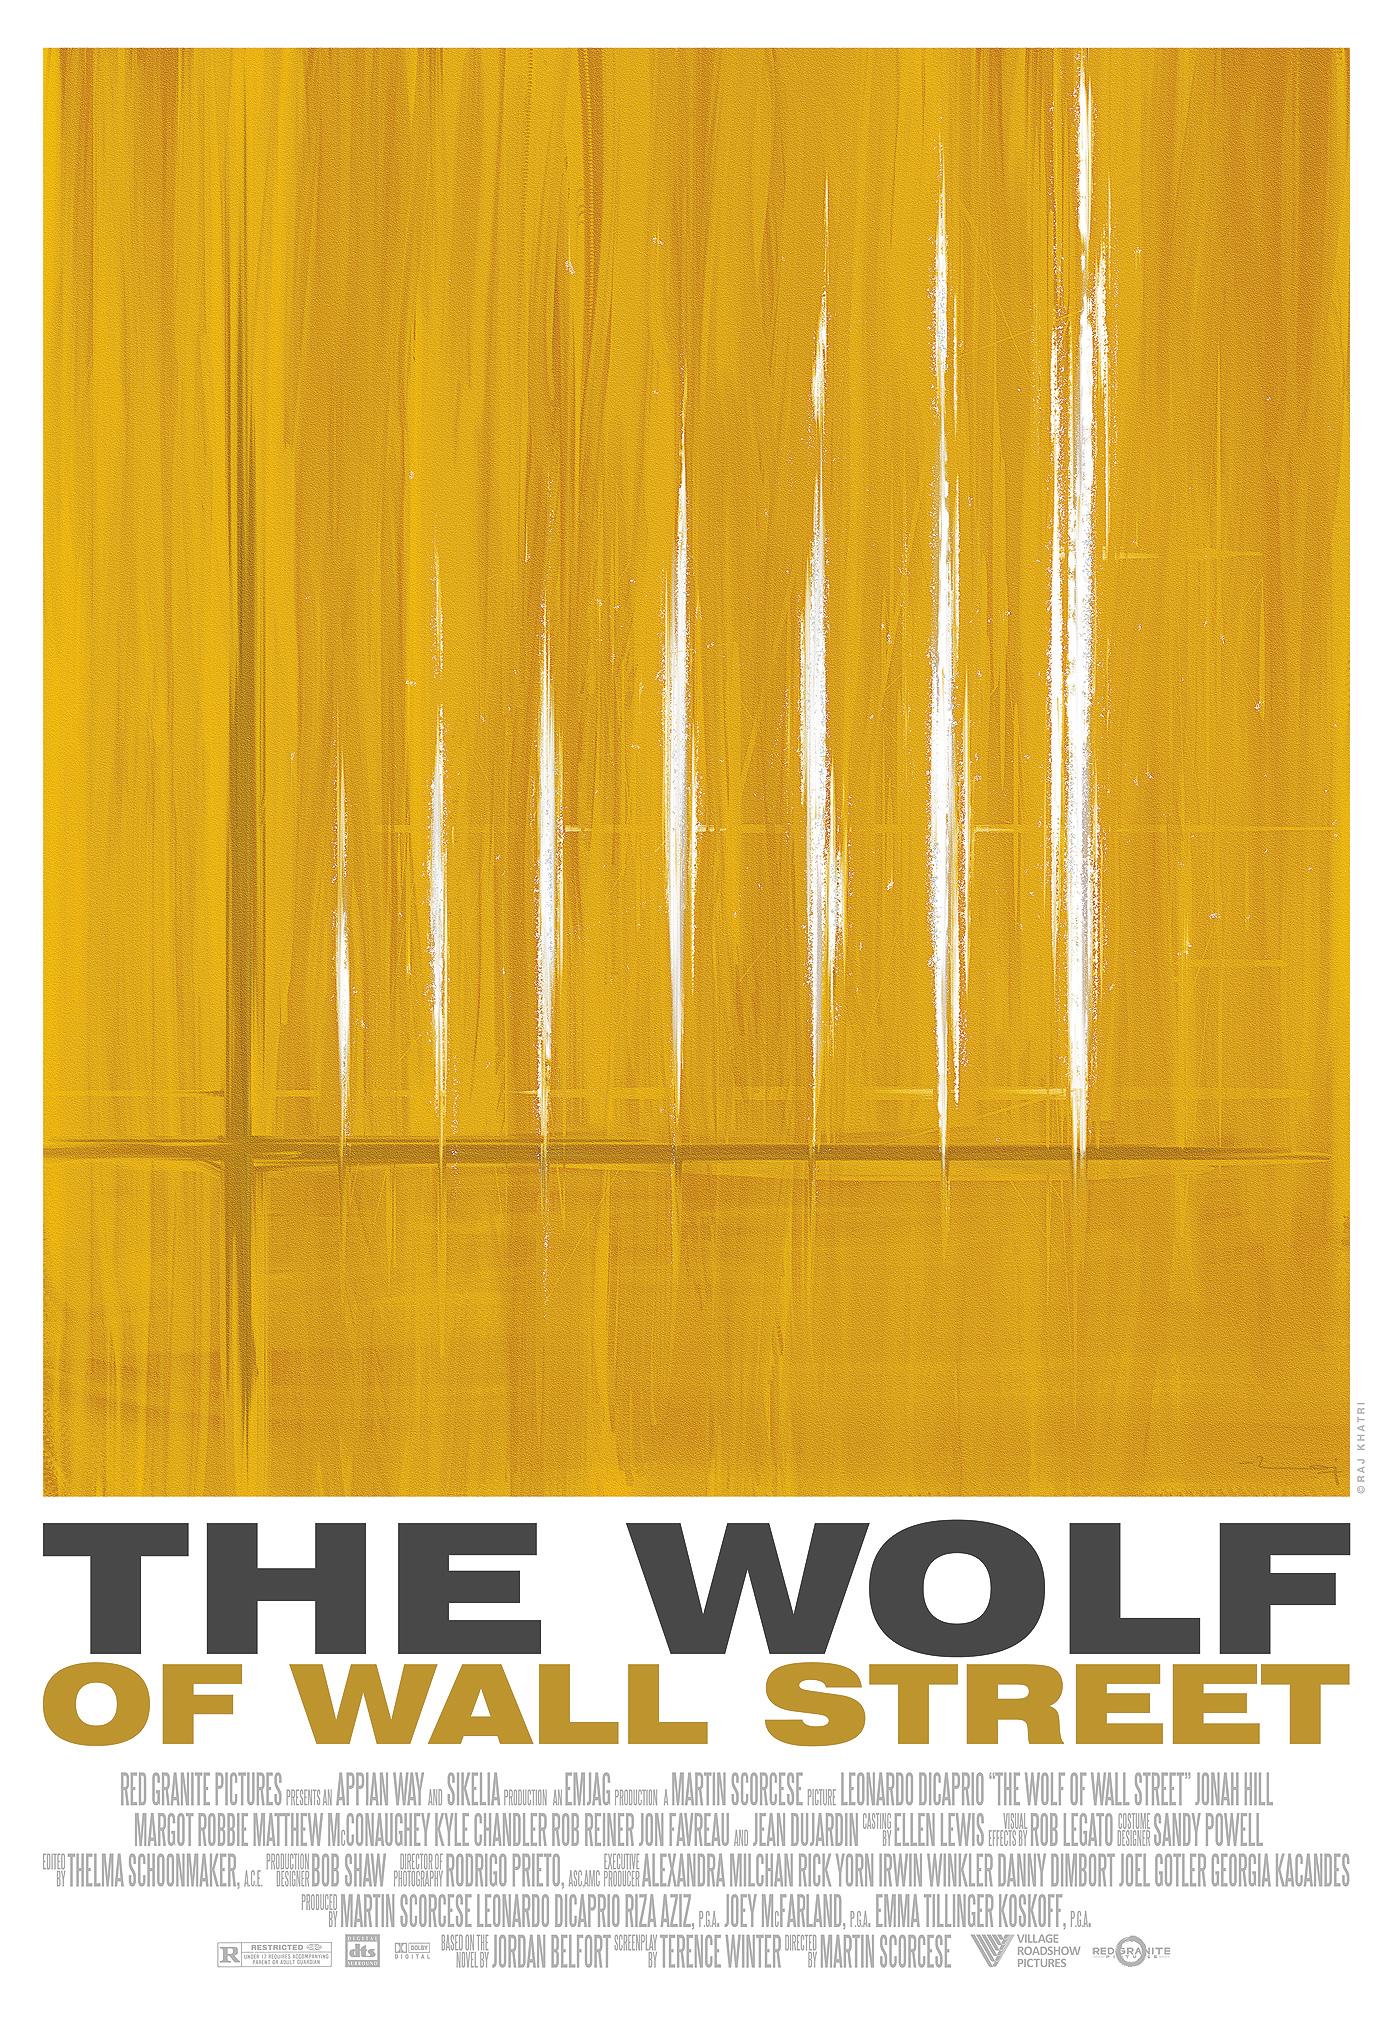 10wolf of wallstreet (1)